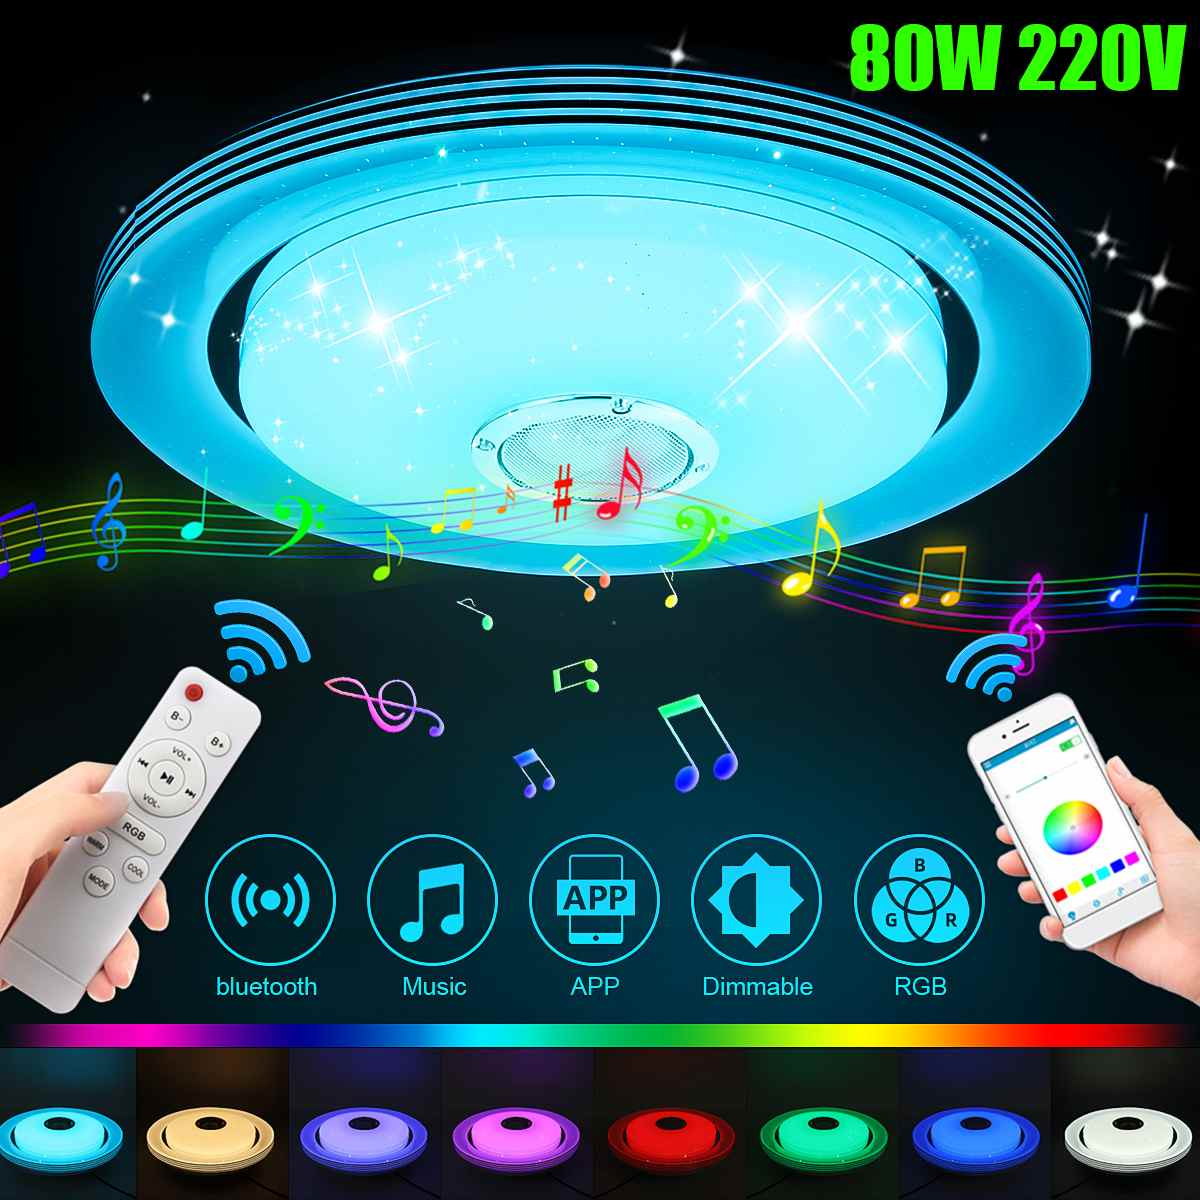 80w música led lâmpada de luz teto rgb montagem embutida música redonda app bluetooth alto-falante inteligente lâmpada do teto com controle remoto 220v